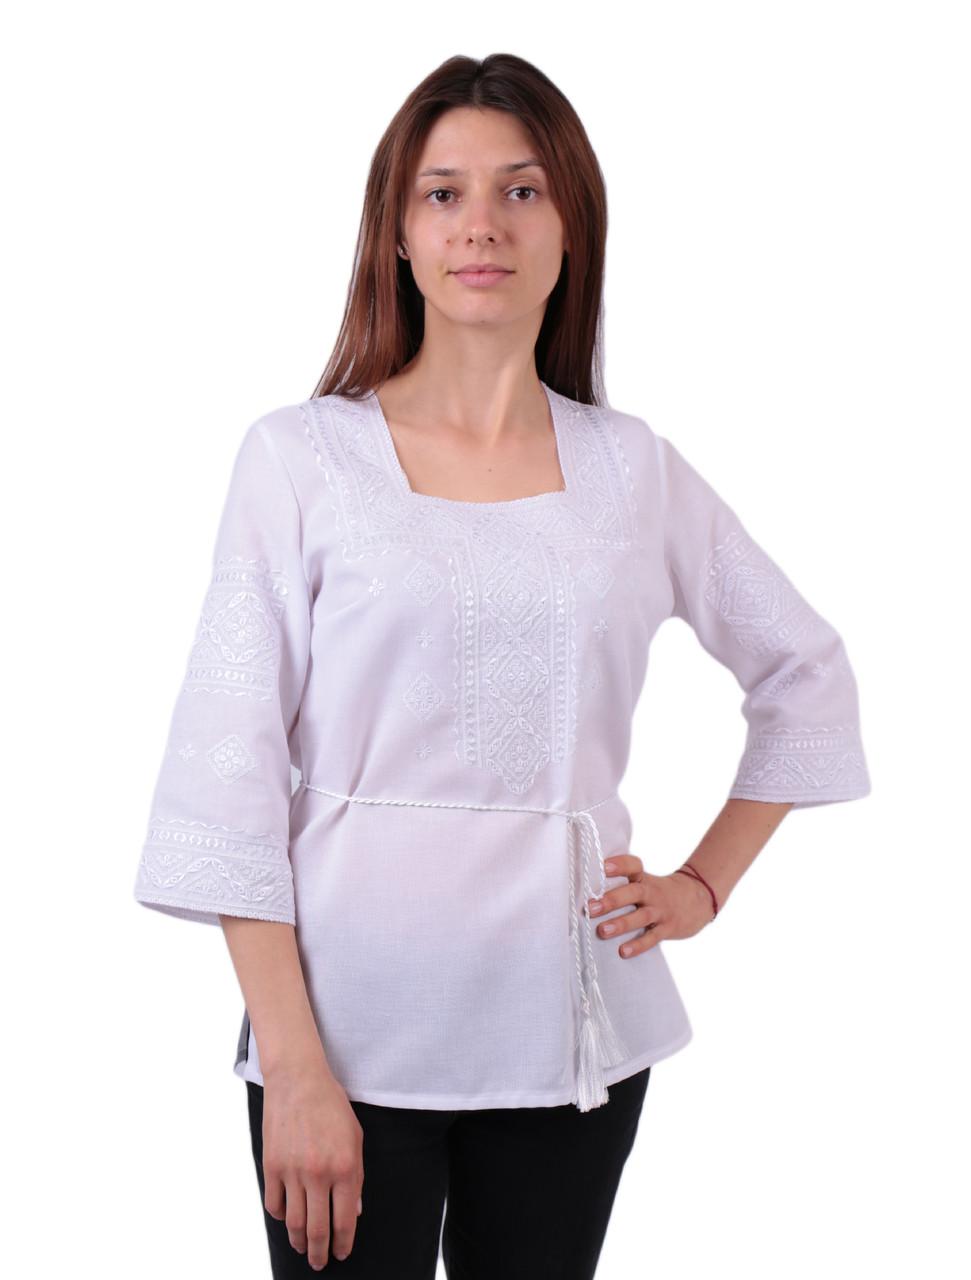 Жіноча вишиванка з білою вишивкою недорого  продажа c4ec74afc31a4